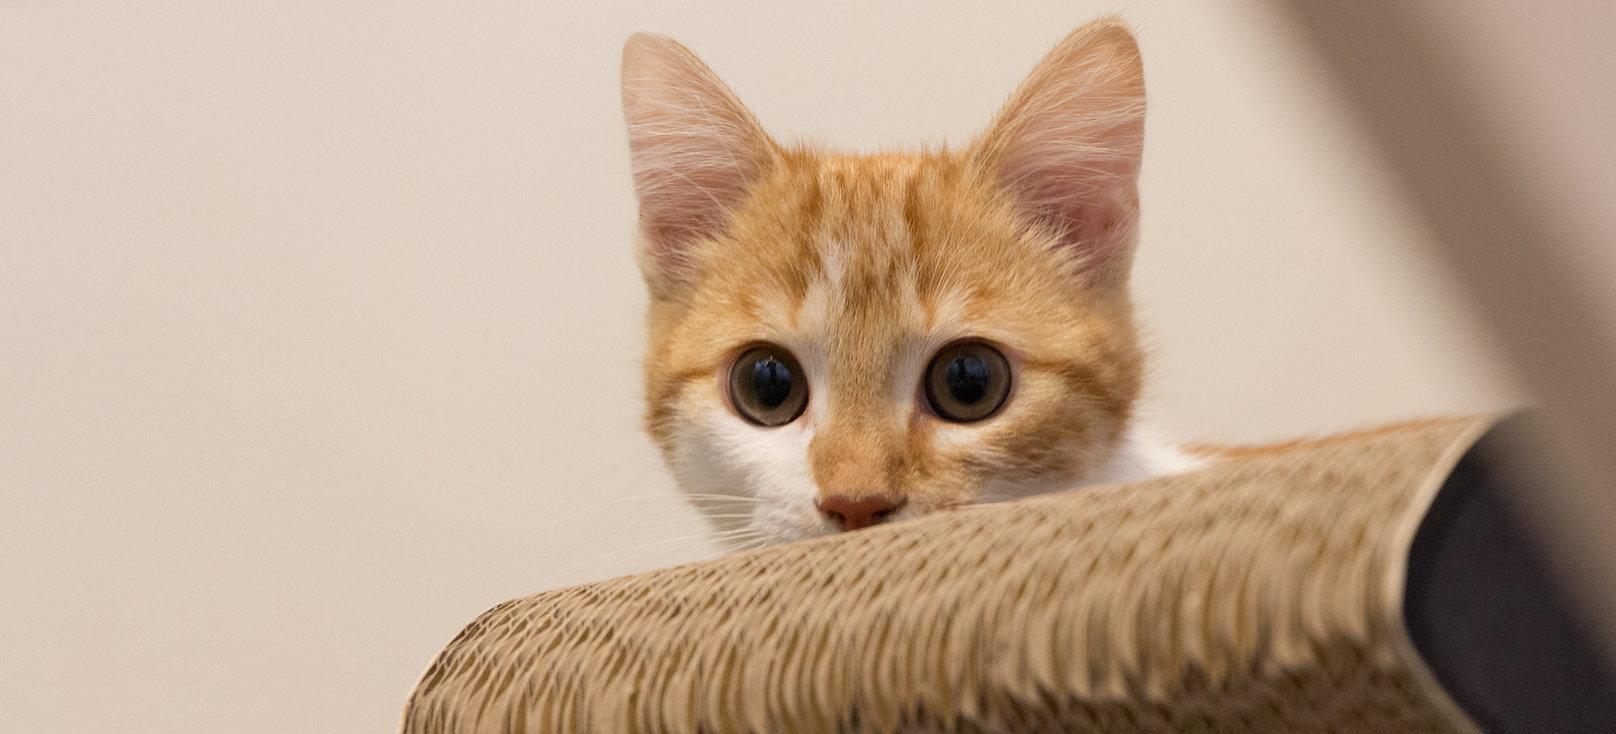 Kattenhotel 'Kat op hotel'